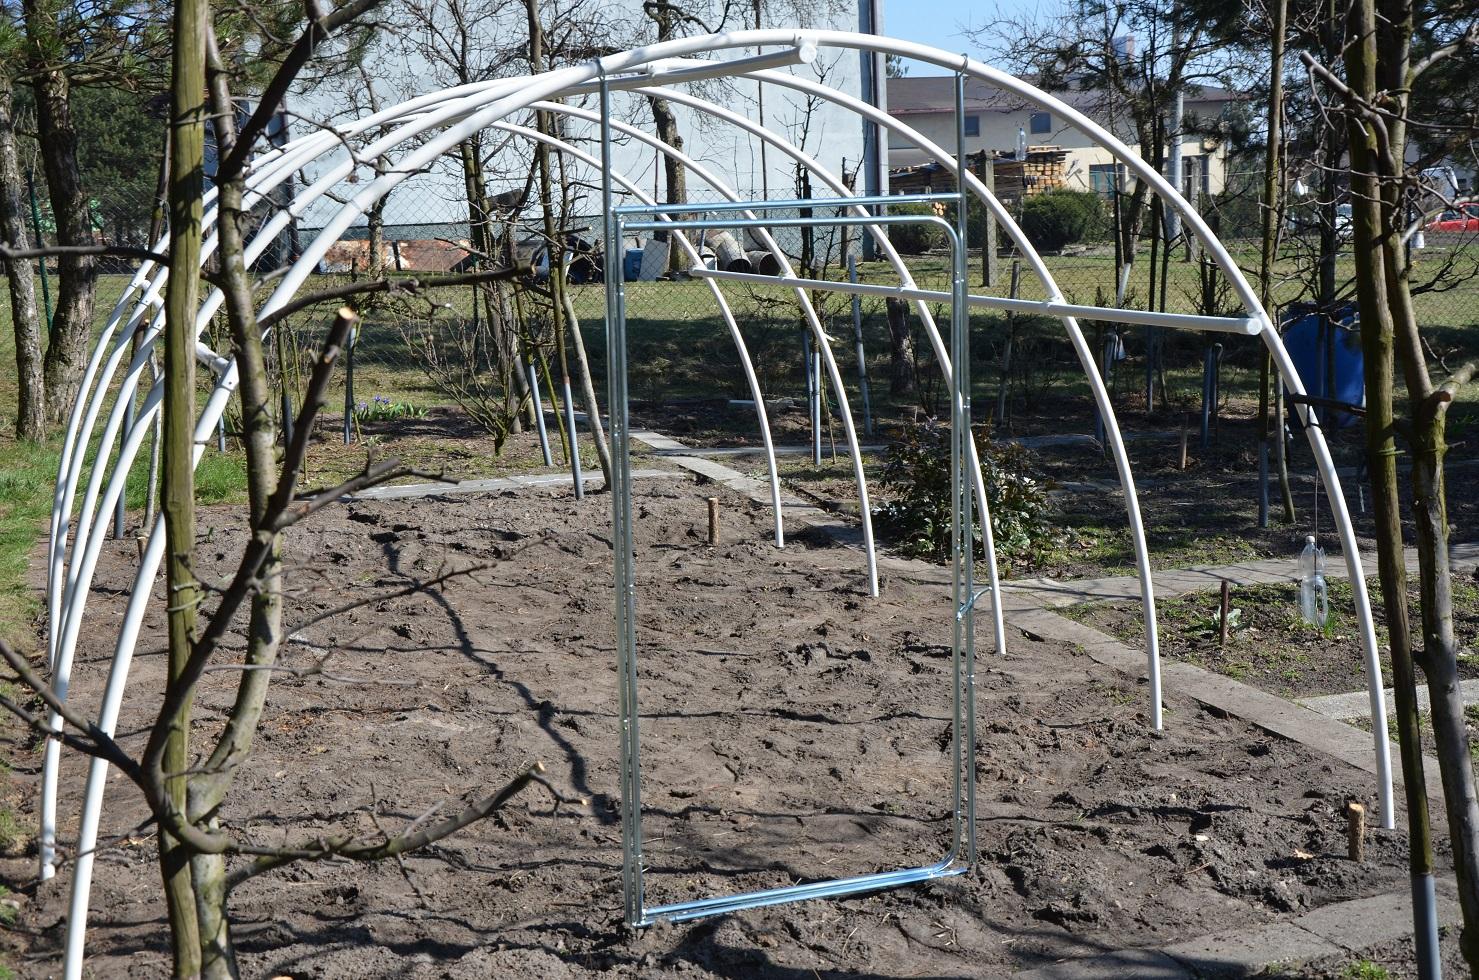 zgrzewanie folii ogrodniczych tunelowych 2 konstrukcja